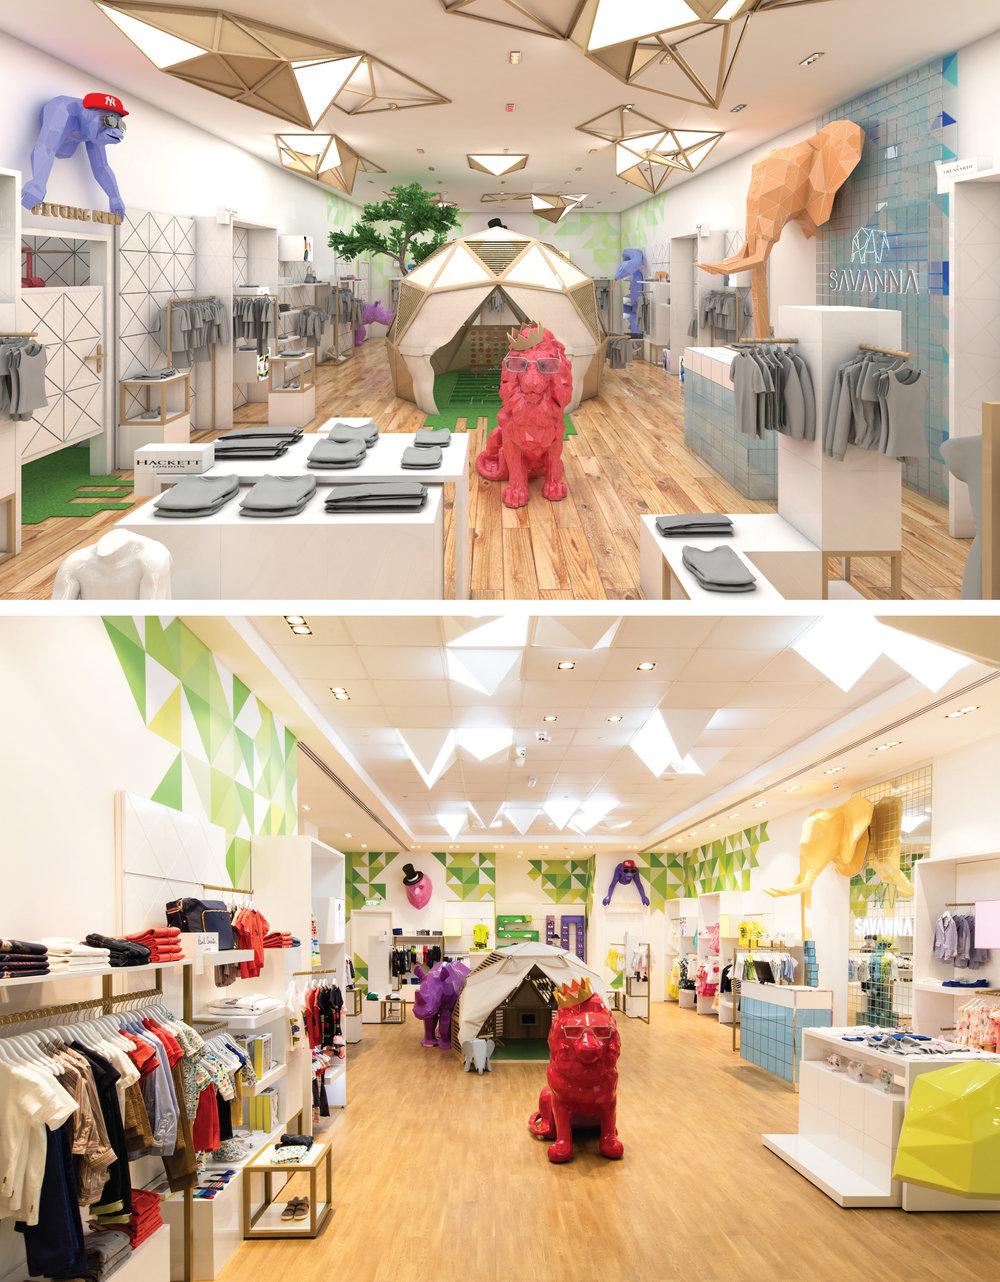 Interior-compare-03 (1).jpg